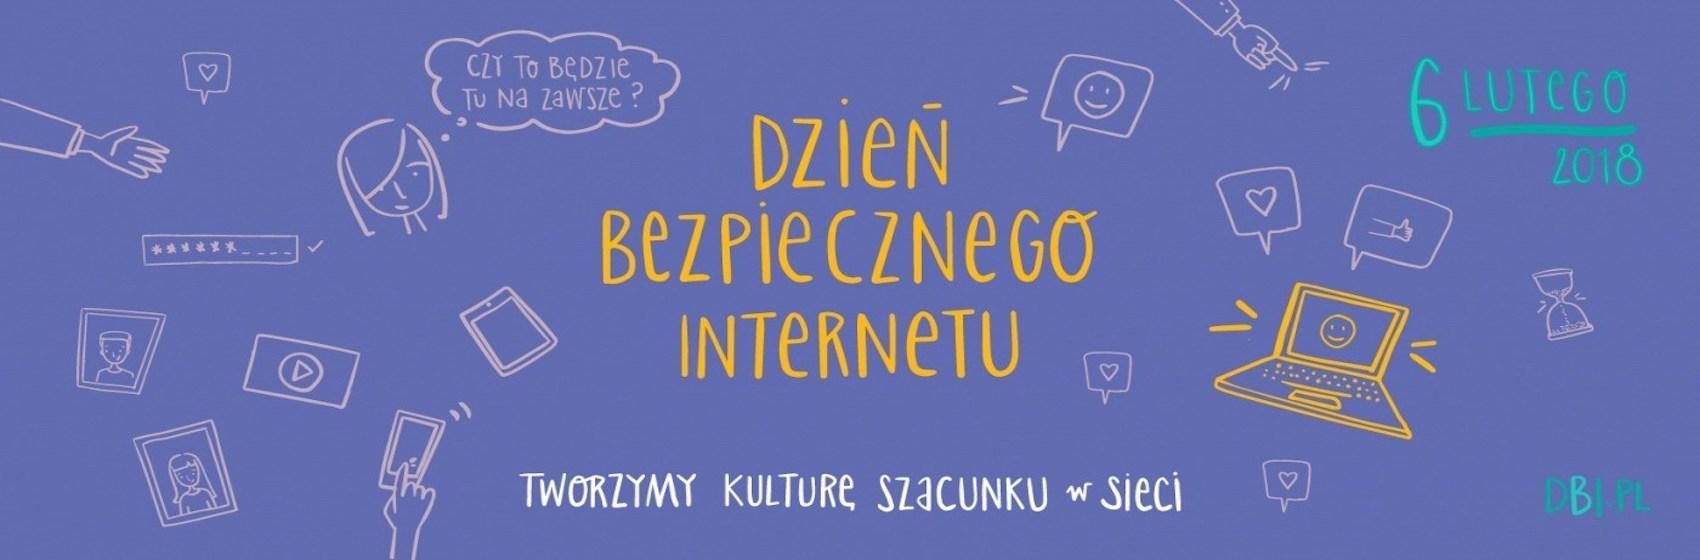 <p>Dzień Bezpiecznego Internetu (DBI) obchodzony jest z inicjatywy Komisji Europejskiej od 2004 r. Początkowo wydarzenie to świętowały jedynie państwa europejskie, ale już od lat DBI przekracza granice Europy angażując państwa z całego świata. Z pełną listą zaangażowanych państw i instytucji oraz podjętymi przez nie działaniami można zapoznać się na stronie [&hellip;]</p>